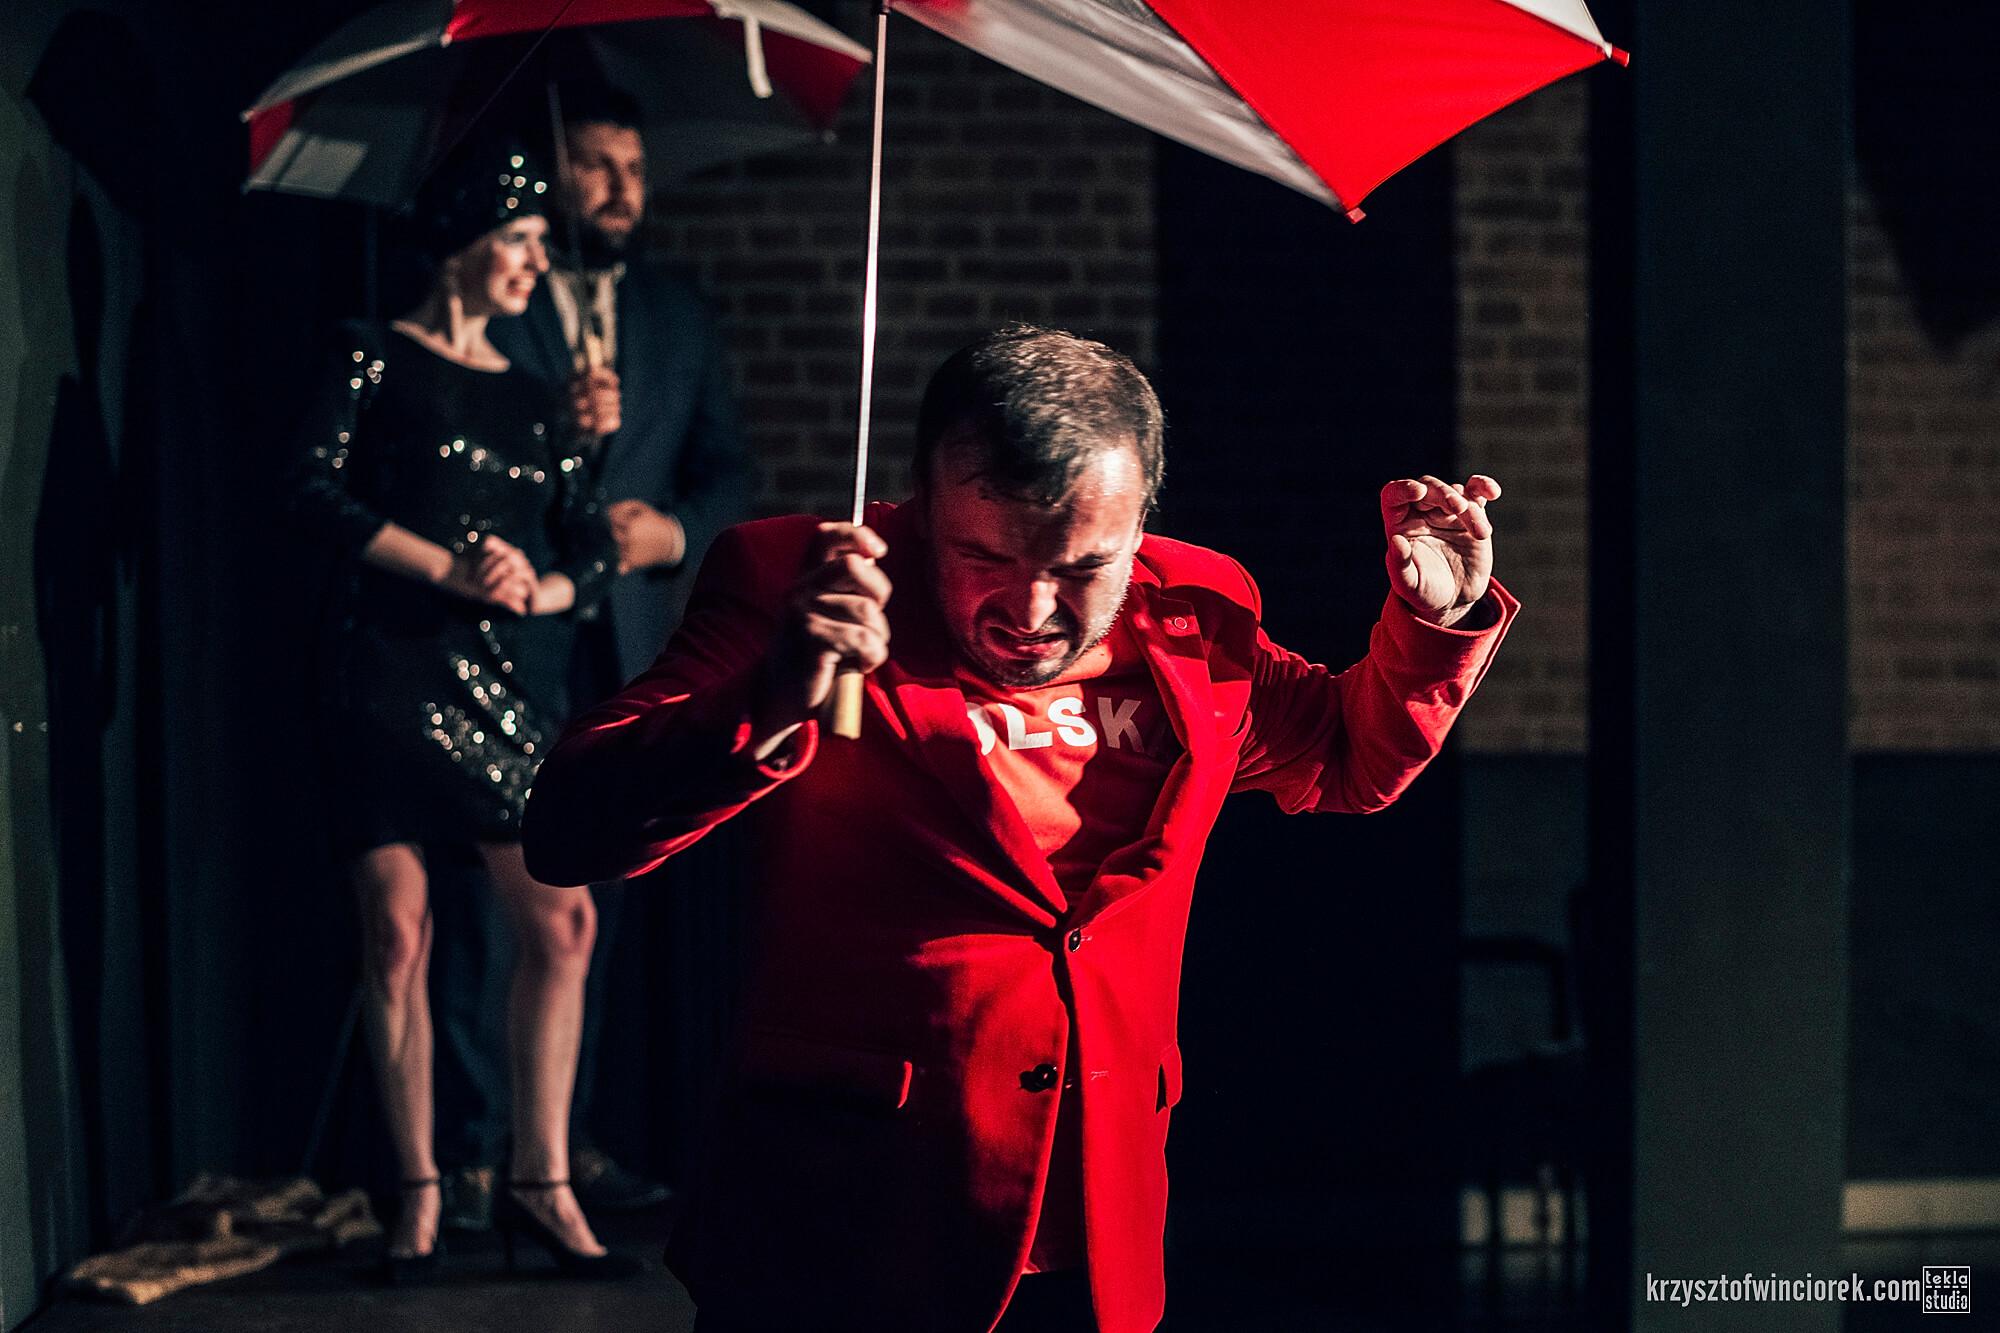 Zdjęcie z festiwalu Pociąg do miasta. Aktor w czerwonej marynarce i czerwonek koszulce z napisem Polska, pod parasolką. Imituje ucieczkę przed deszczem.